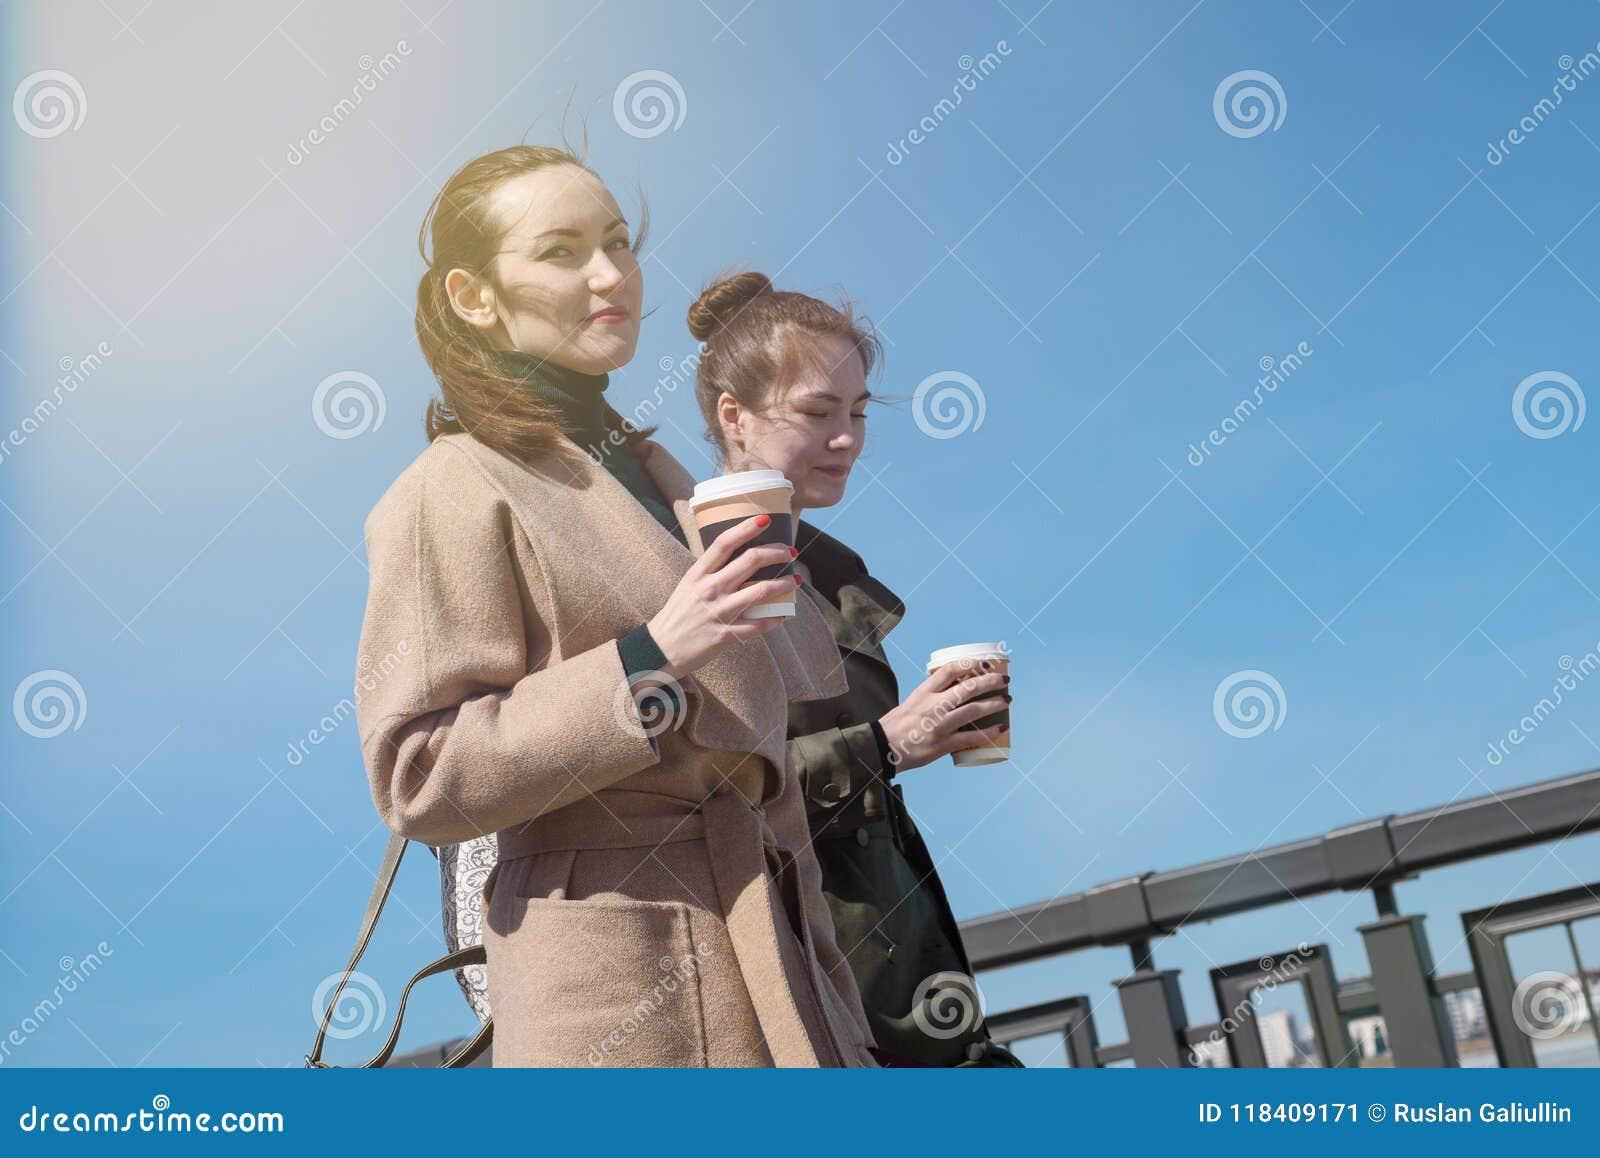 Πορτρέτο δύο νέων γυναικών στα μοντέρνα παλτά και με τα φλιτζάνια του καφέ για να πάρει μαζί, χαμηλότερη γωνία, παπαράτσι